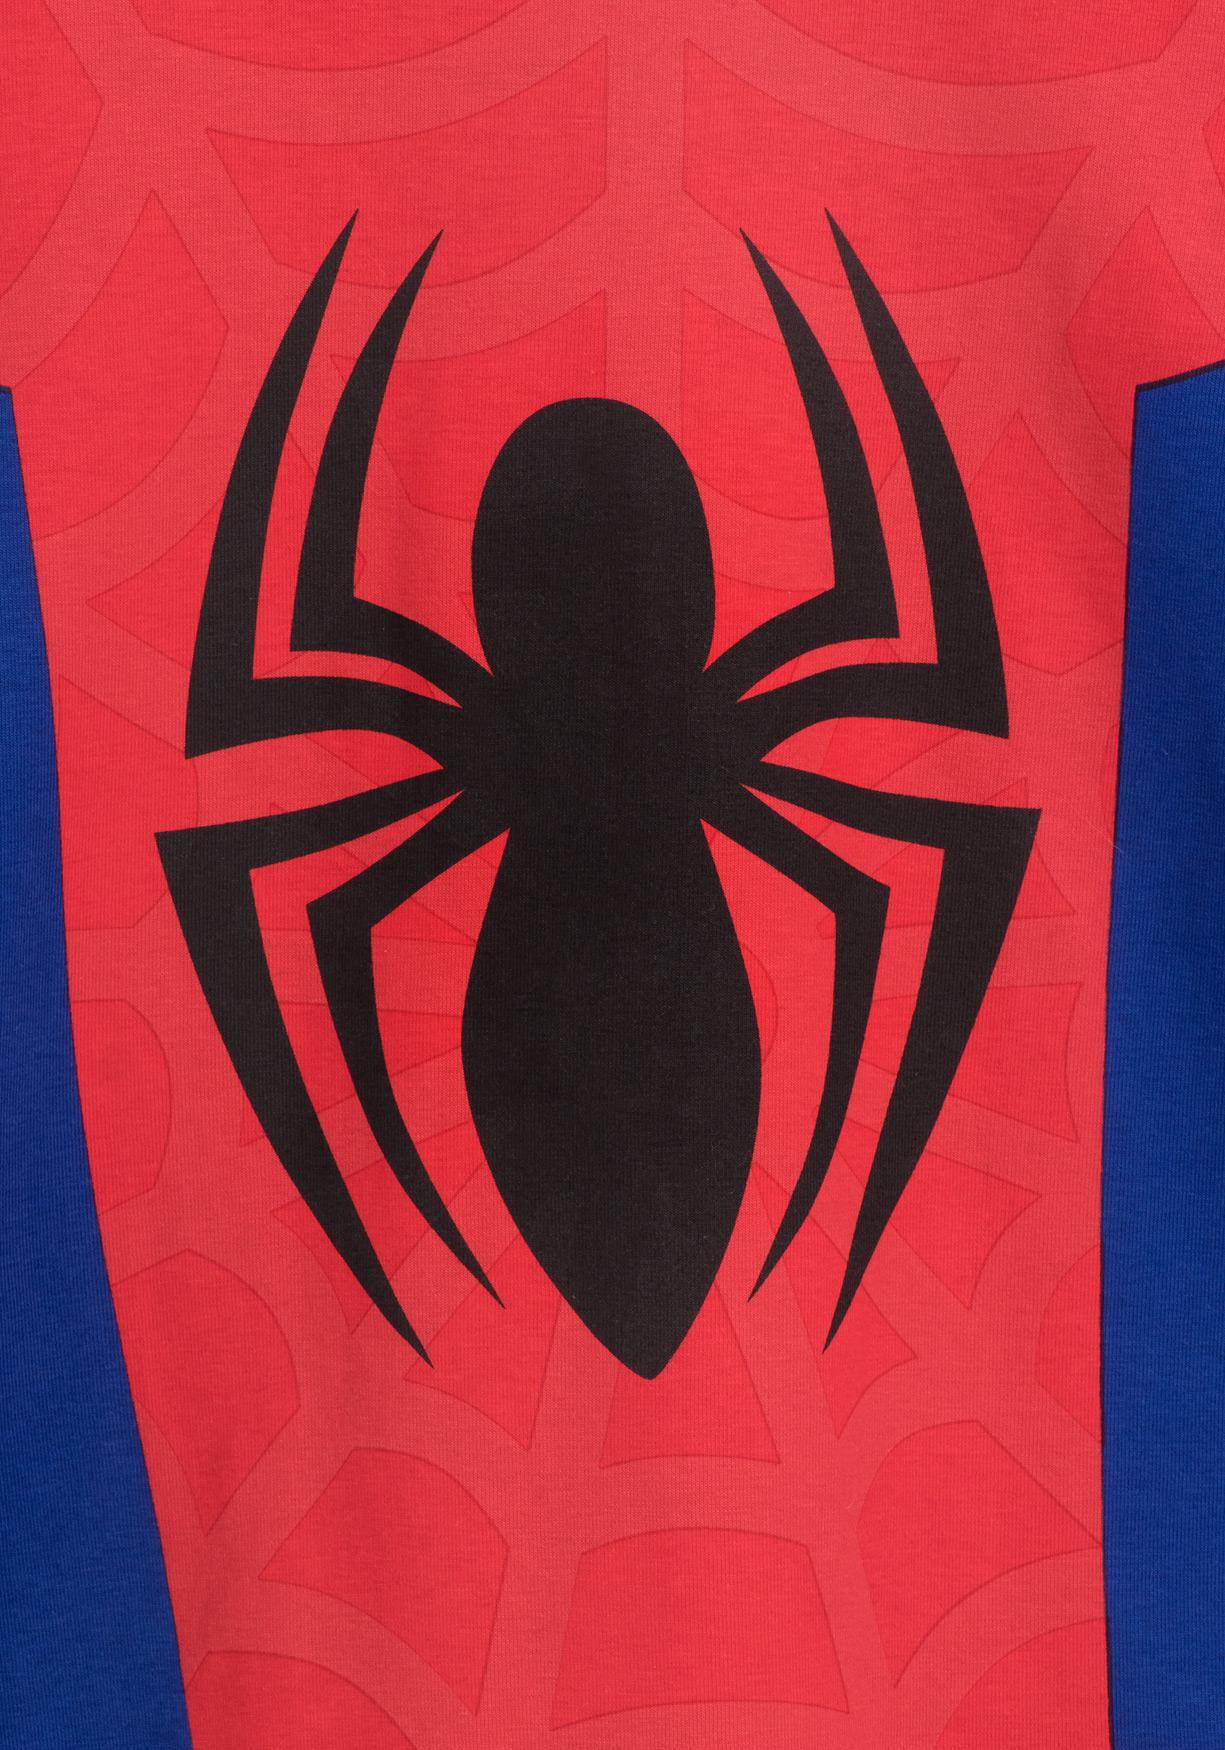 Comprar Pijama disfraz Spiderman de MARVEL. ¡Aprovéchate de nuestros ... 355766c1e40fe